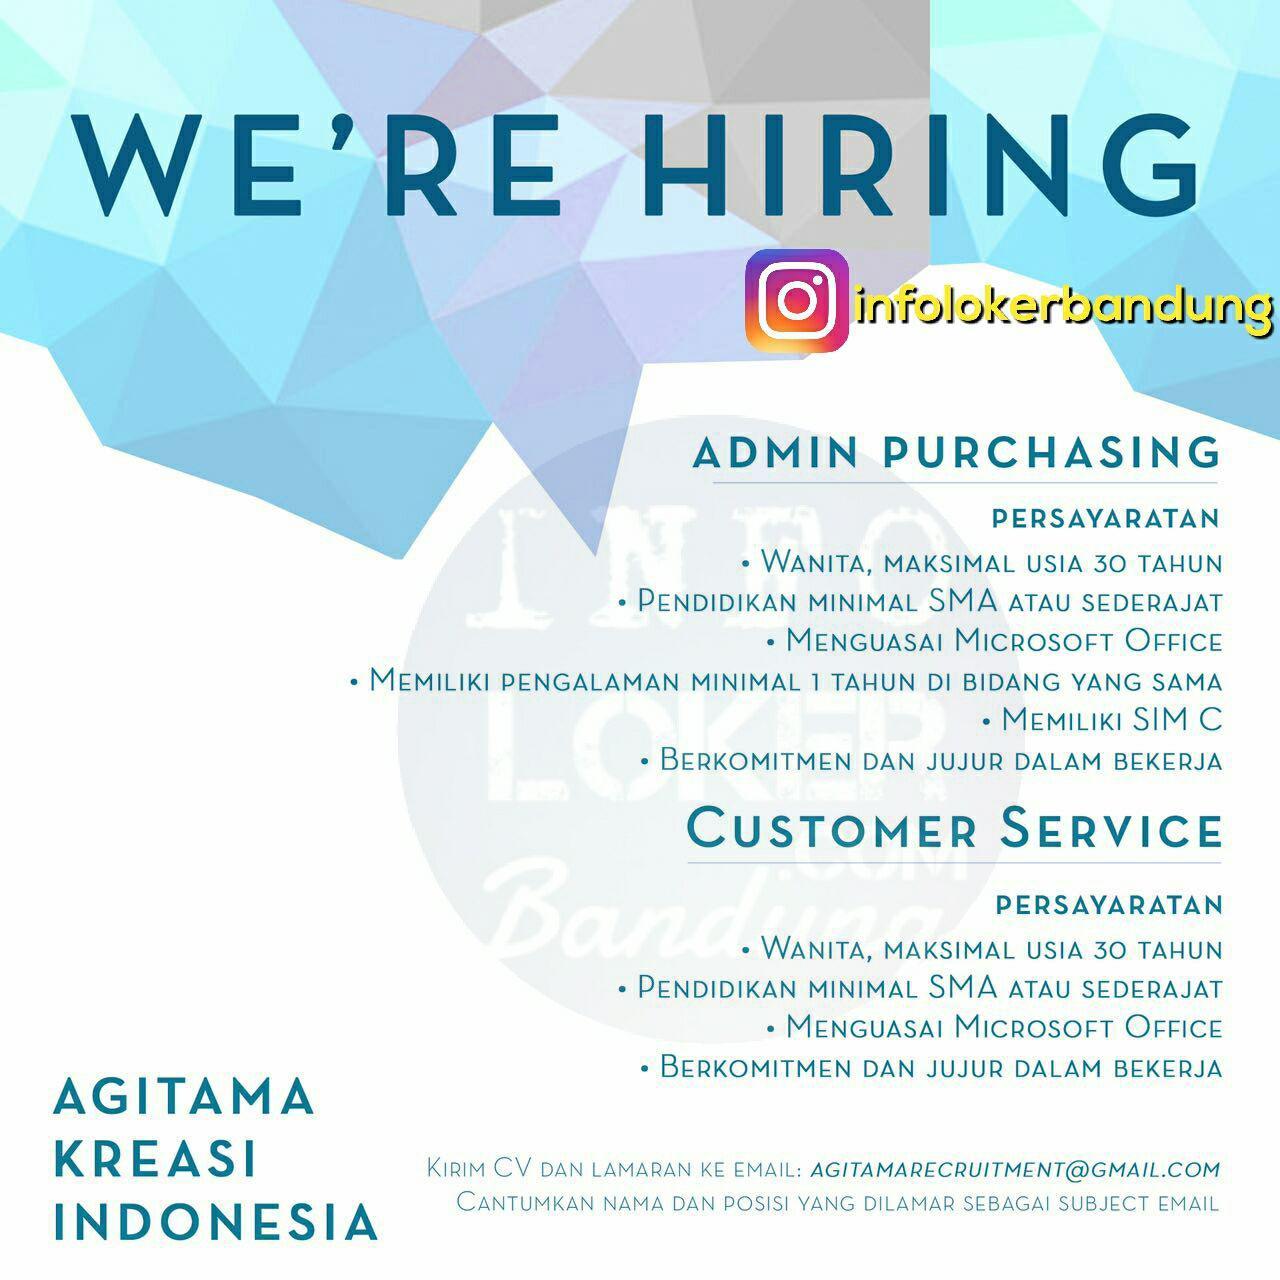 Lowongan Kerja CV. Agitama Kreasi Indonesia September 2017